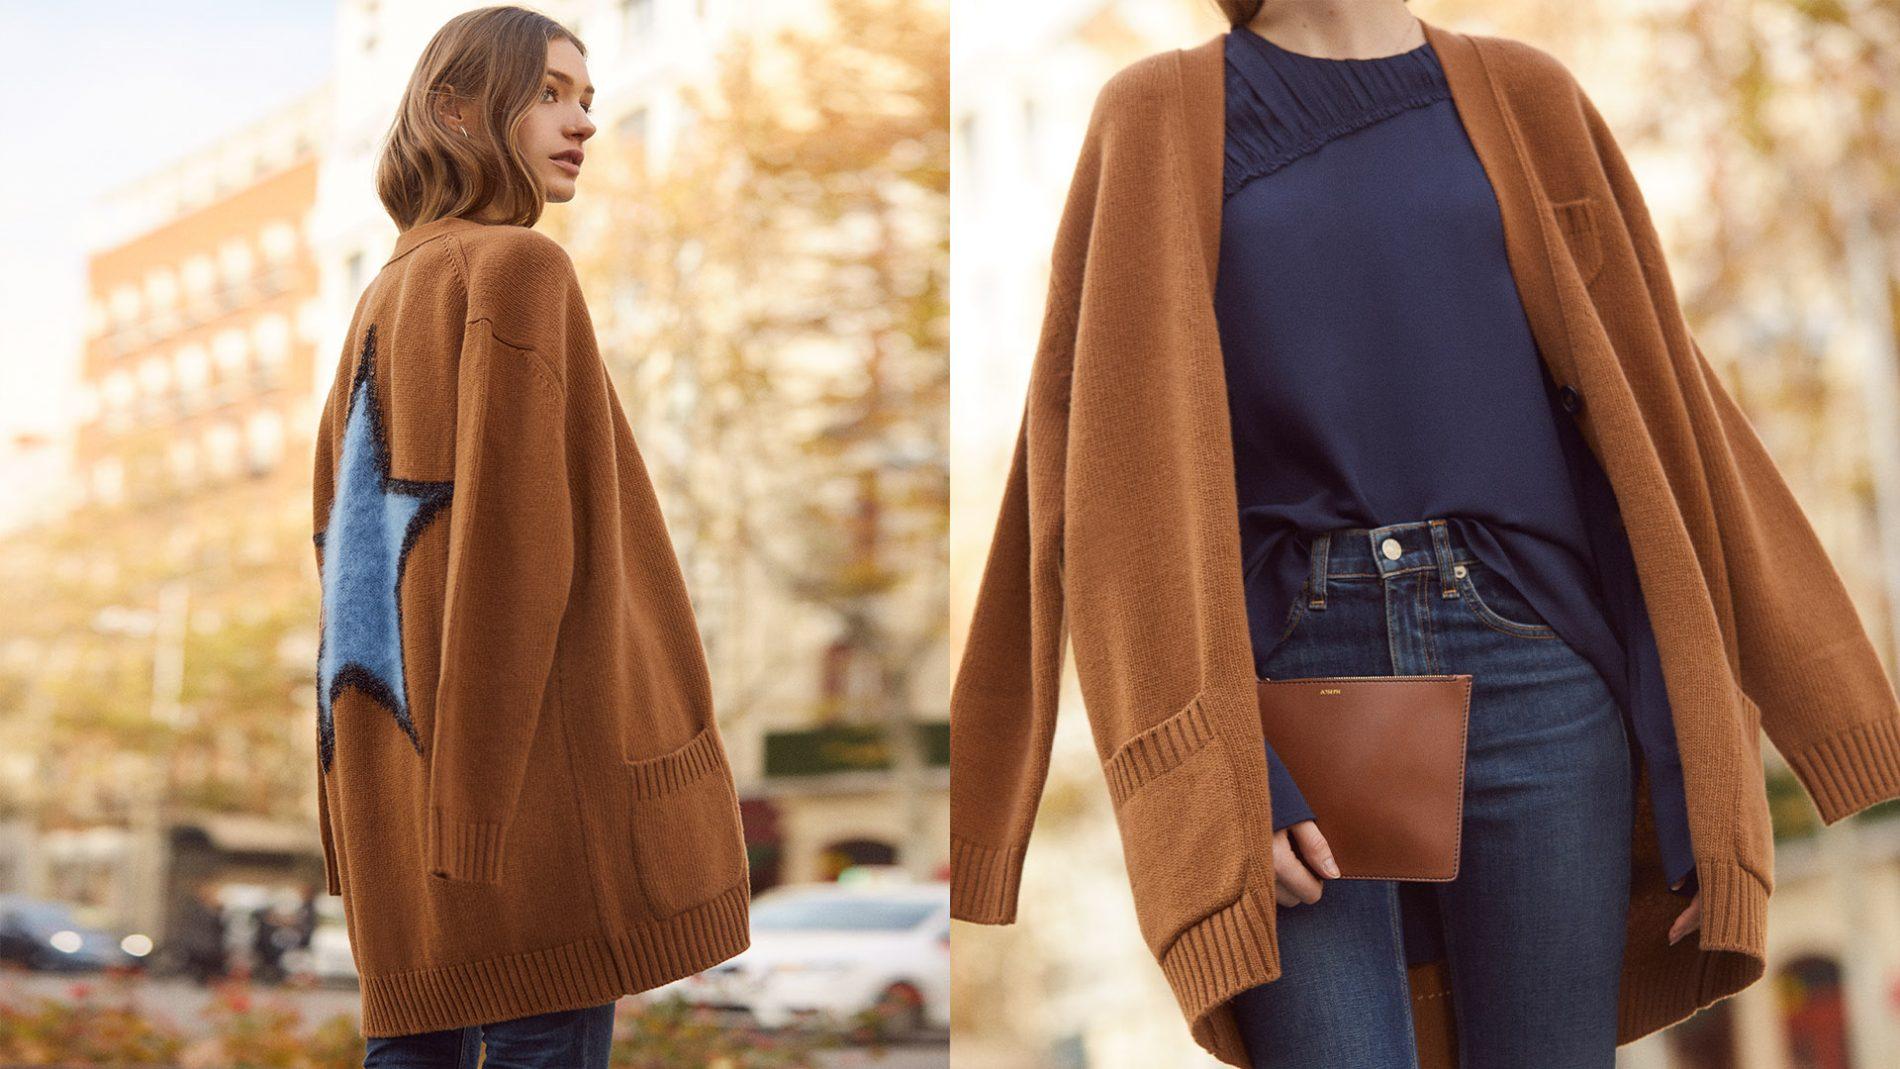 El Corte Inglés Designer Ready-To-Wear Handbags Numero Ventuno Joseph Rag & Bone